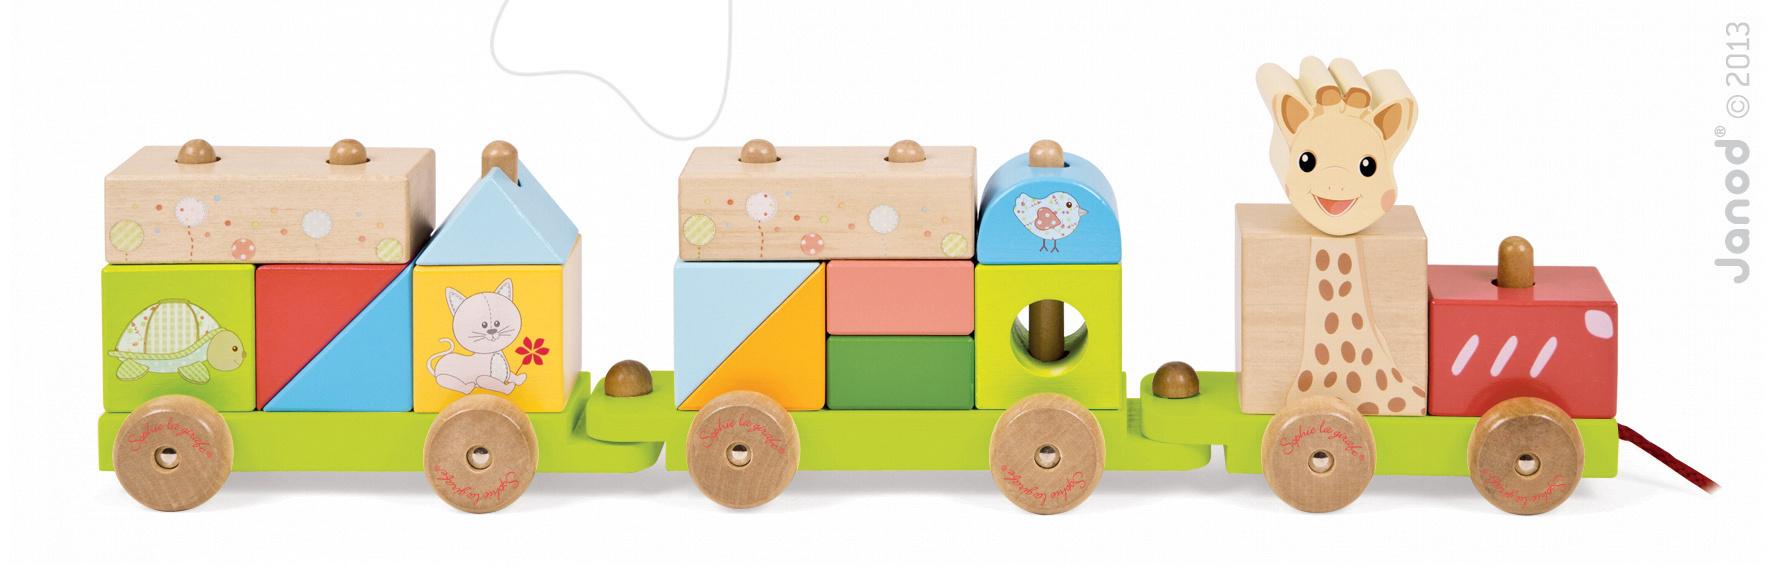 Ťahacie hračky - Drevený vláčik Sophie The Giraffe Janod s kockami od 18 mes